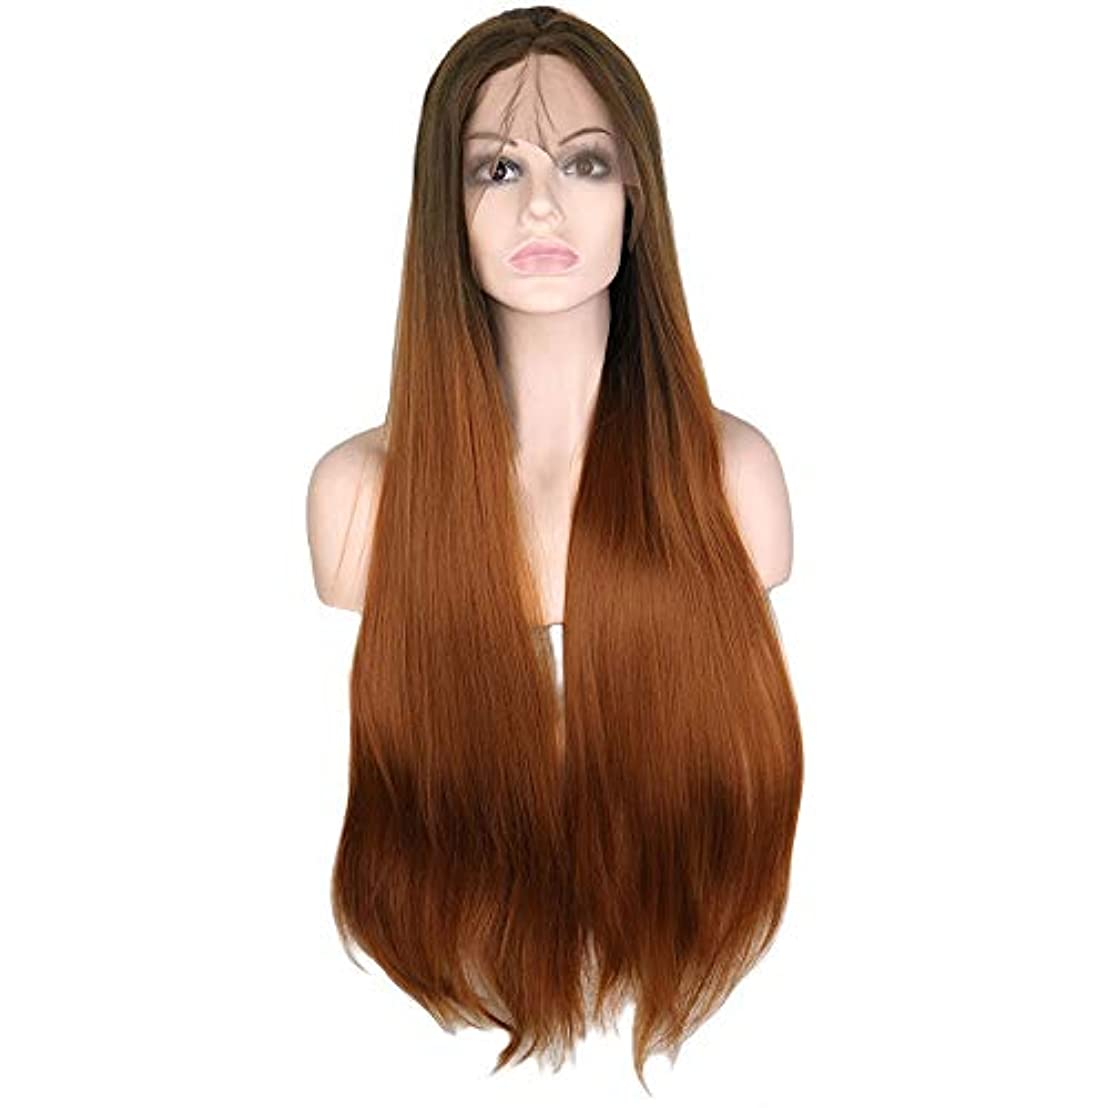 殉教者フライトグリットウィッグ つけ毛 30インチレースフロントウィッグオンブルブラウンロングストレートウィッグミドルパートコスプレコスチュームデイリーパーティーウィッグ本物の髪を持つ女性 (色 : Ombre Brown, サイズ : 30